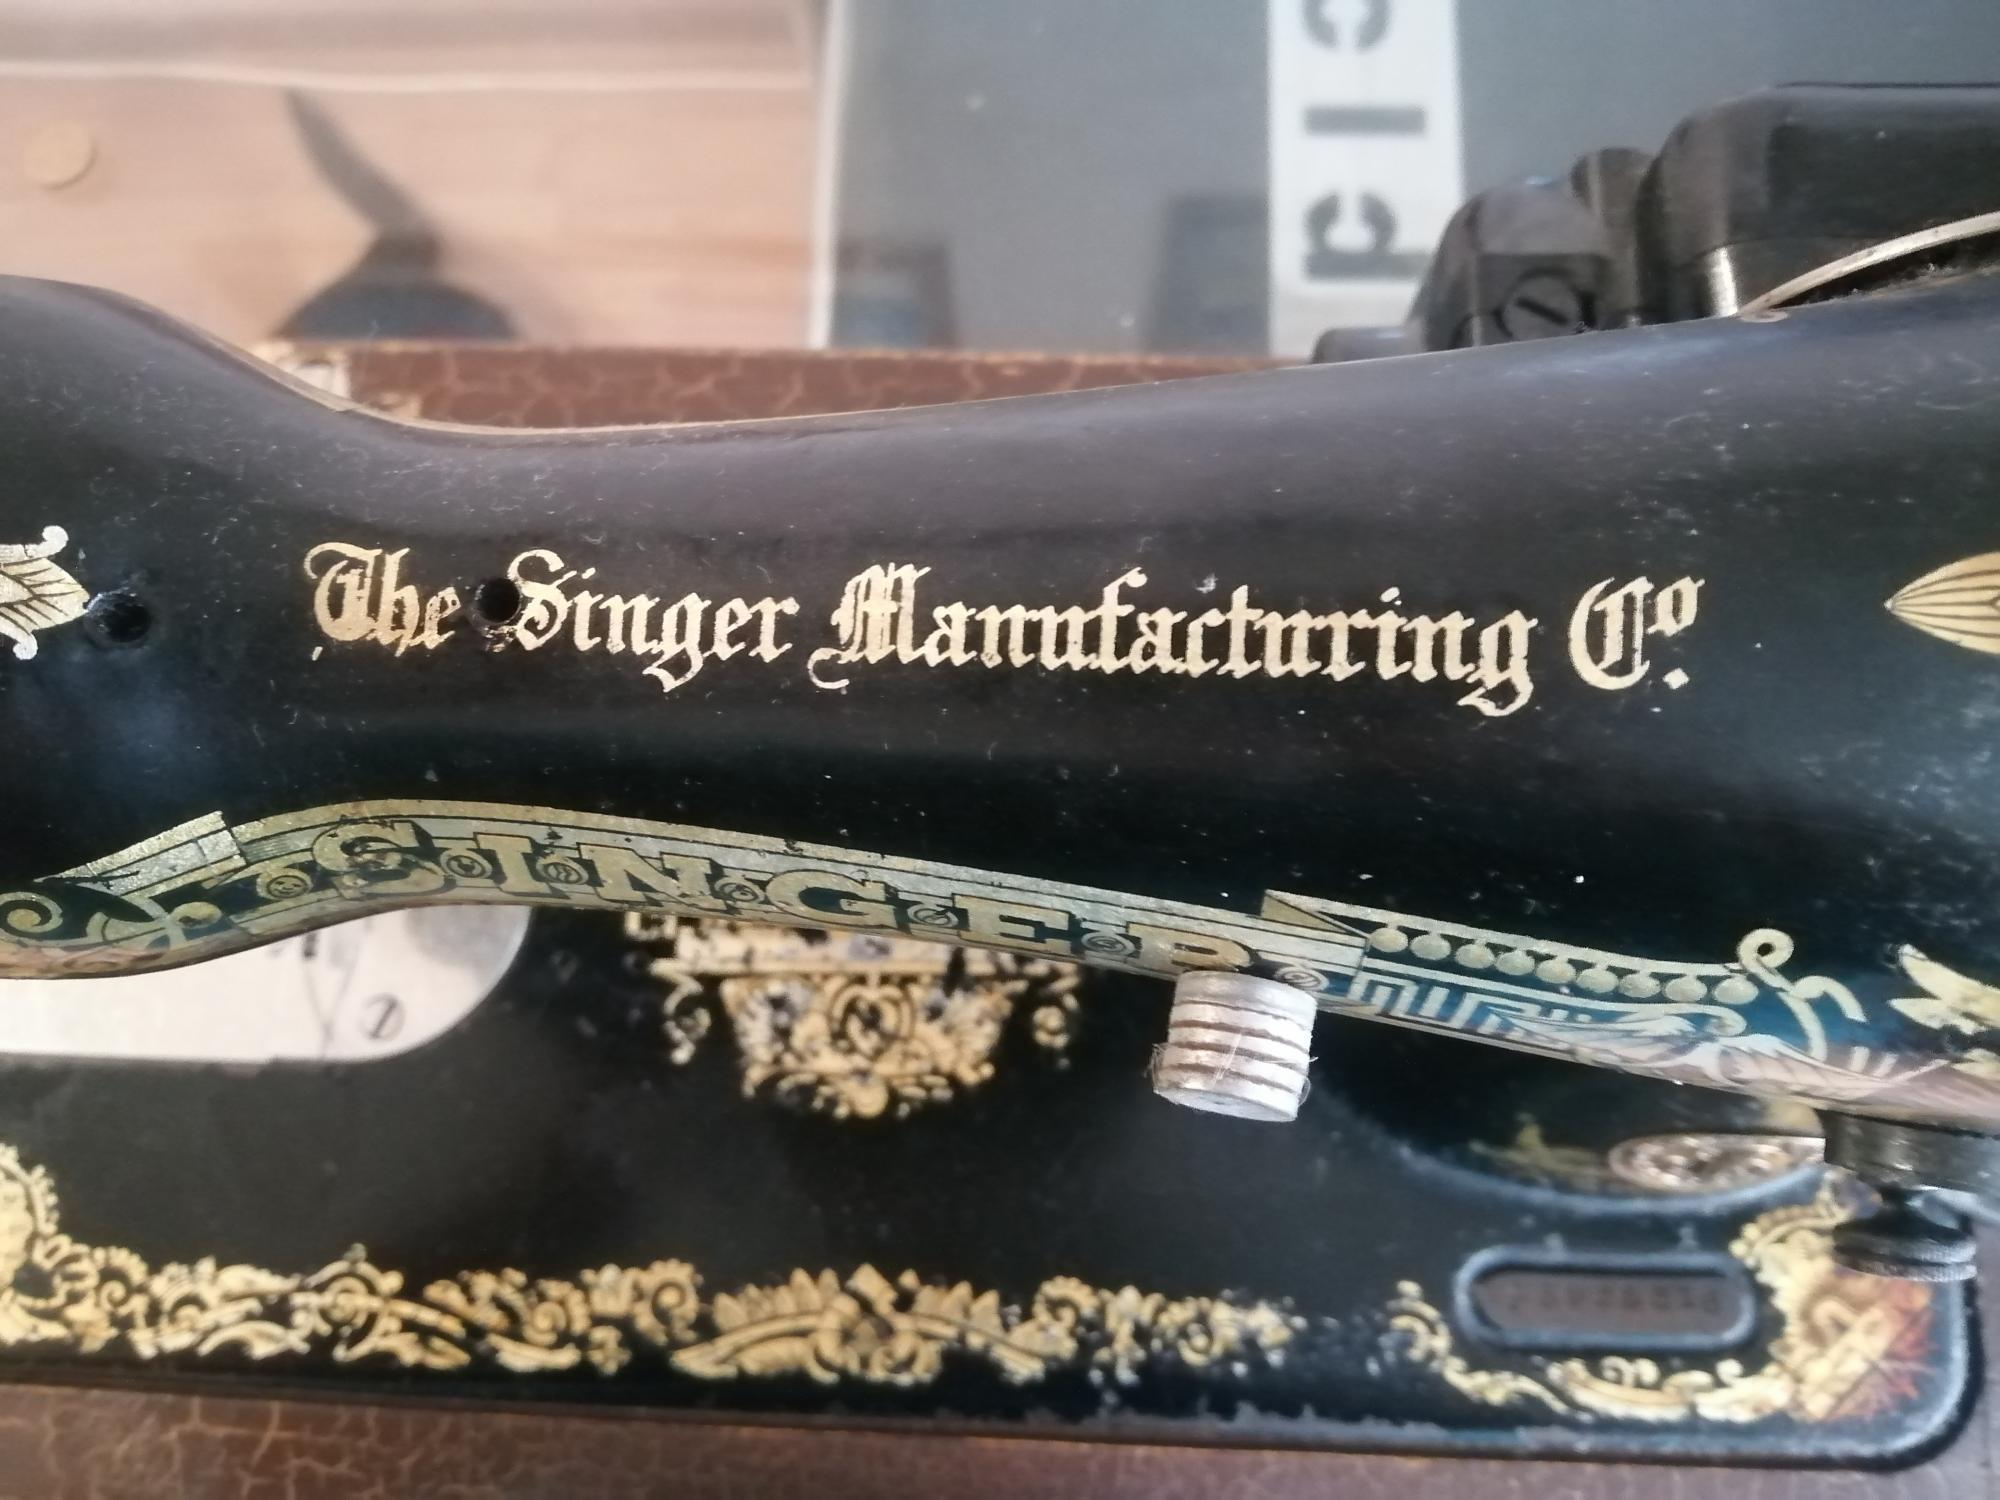 Швейная машинка Зингер в Москве 89256076787 купить 1